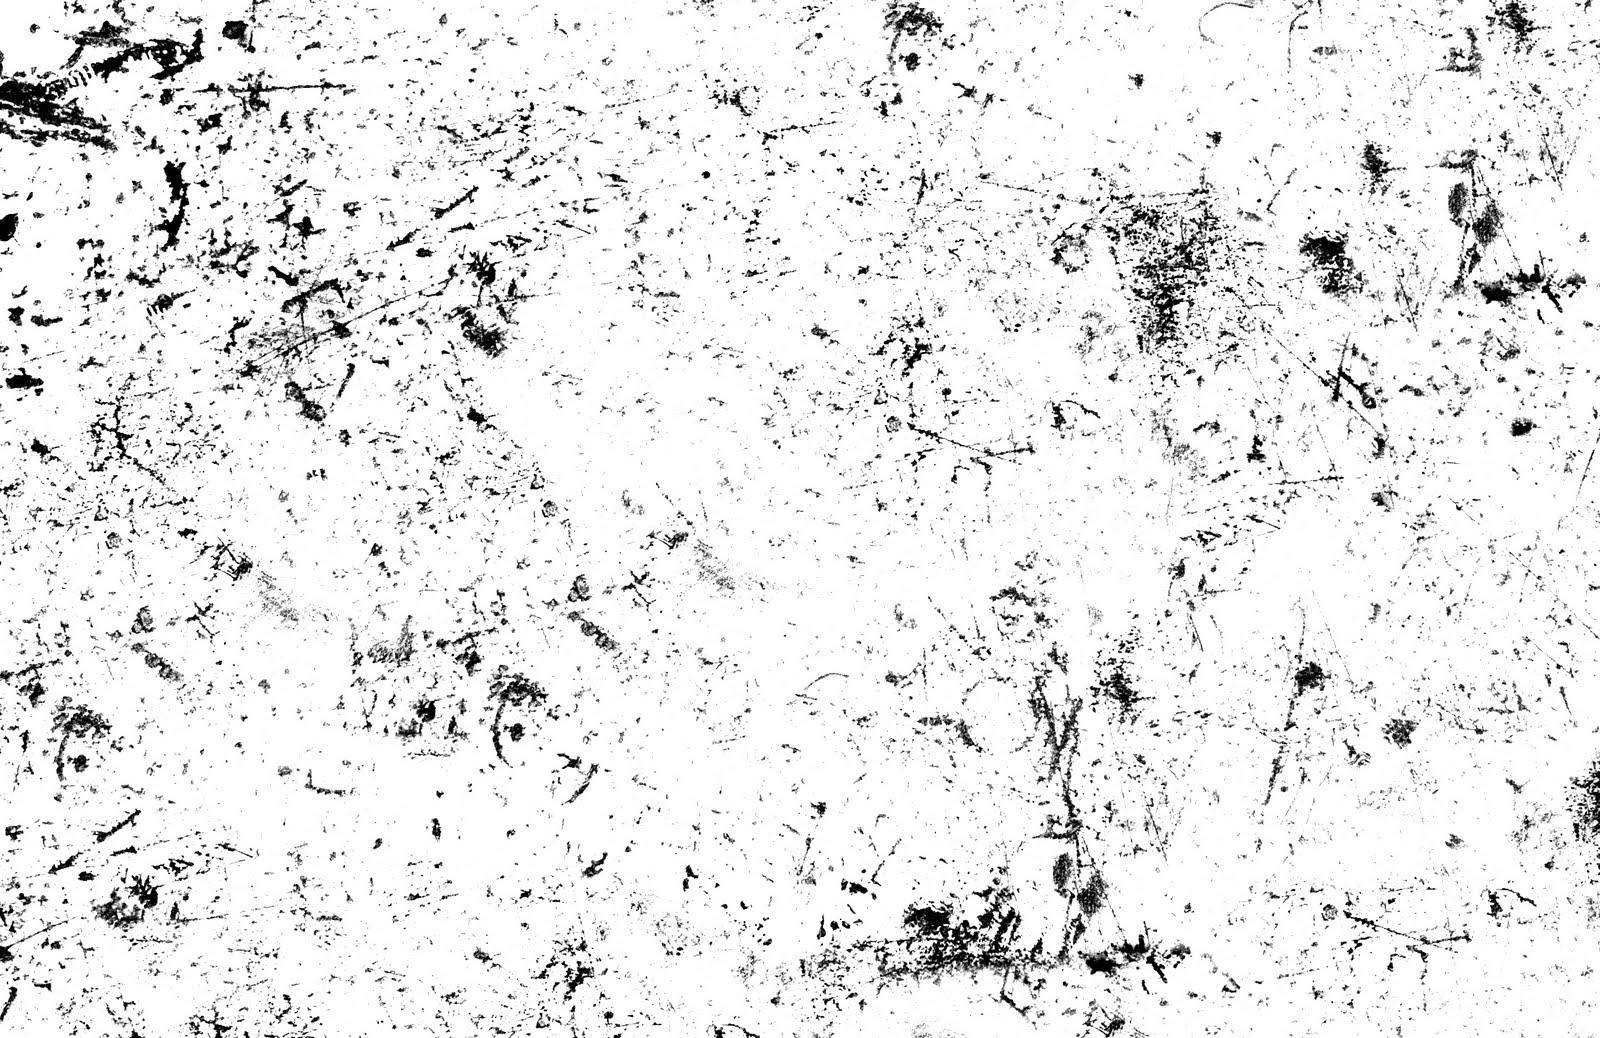 Scratch Marks Texture